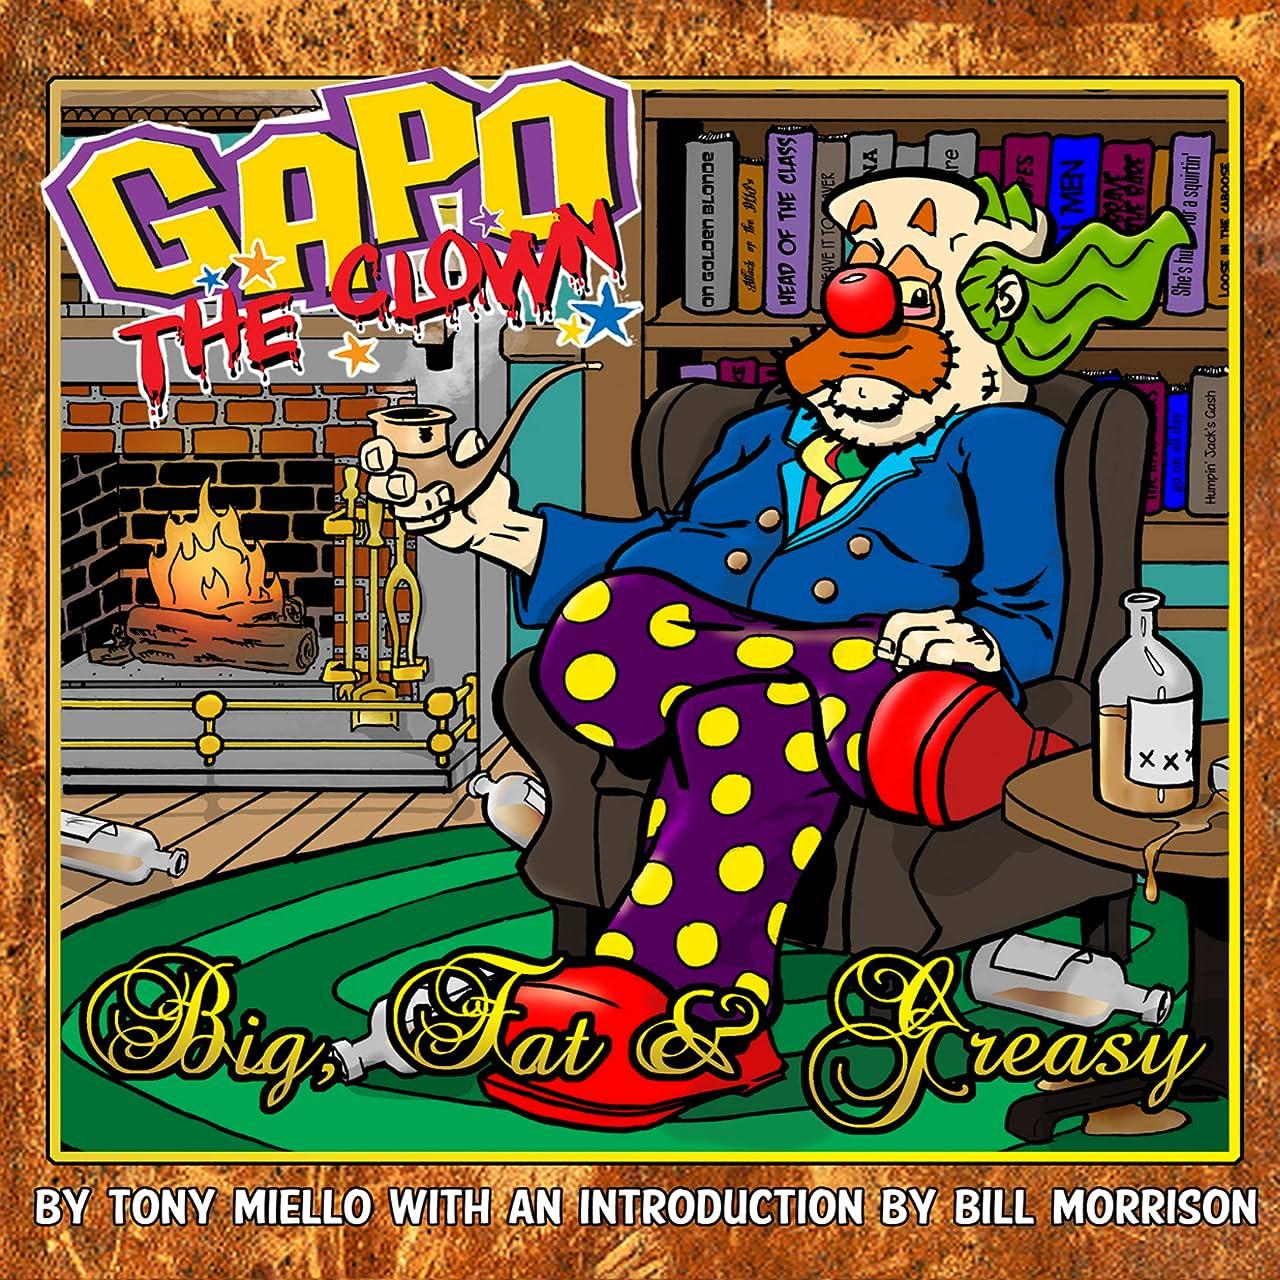 Gapo The Clown: Big, Fat, and Greasy